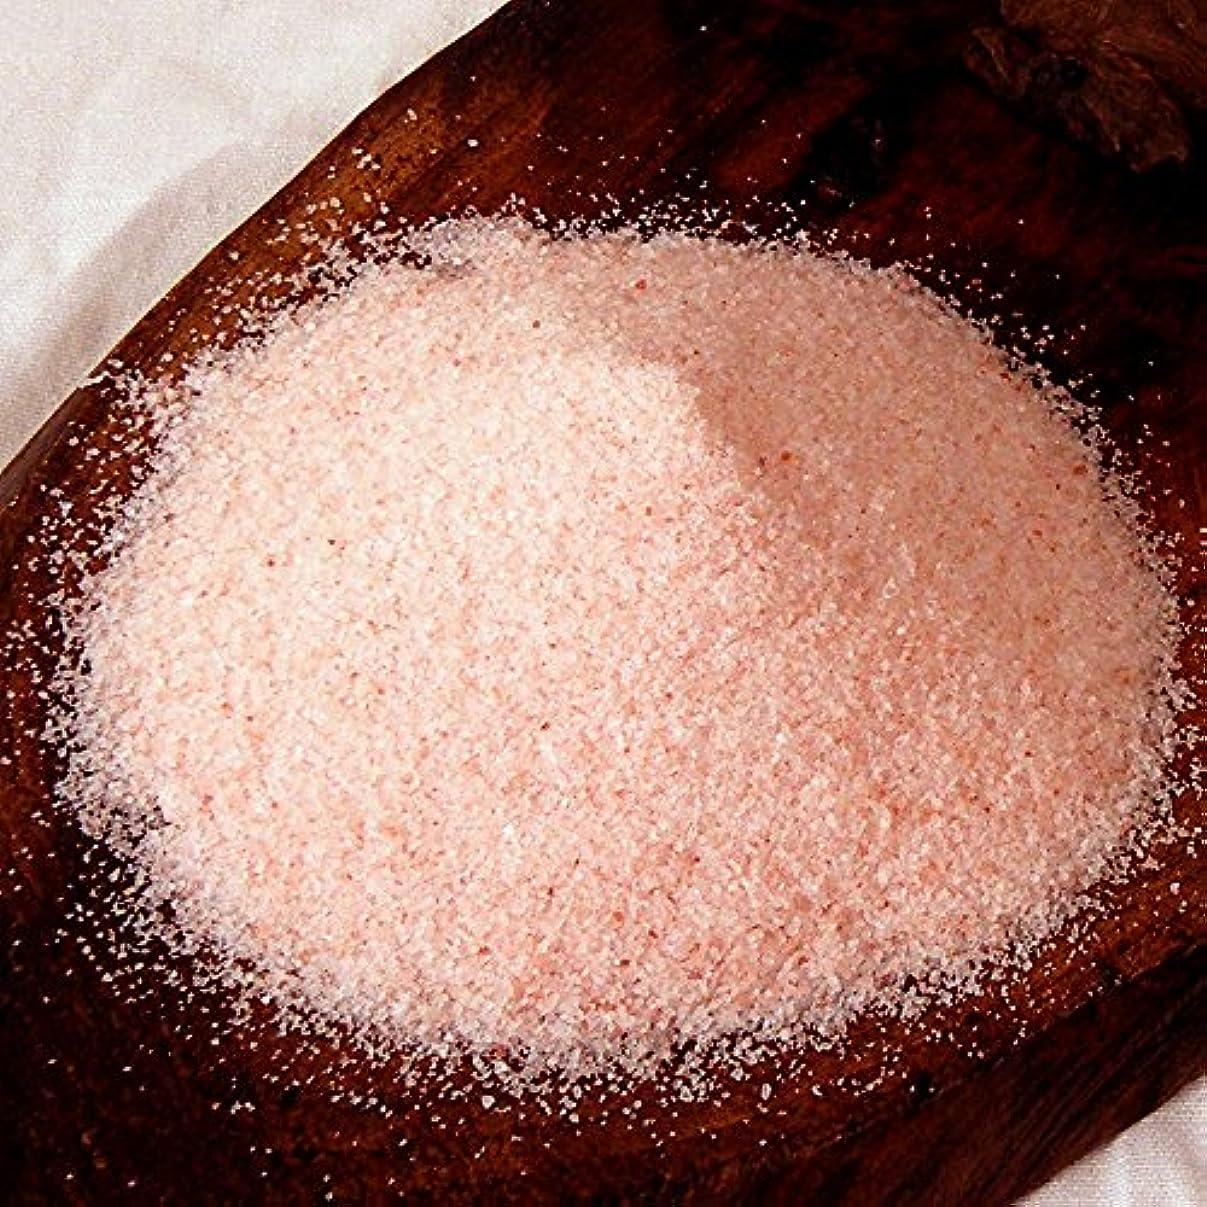 臨検慢性的殺人ヒマラヤ岩塩 バスソルト ローズソルト 溶けやすい細粒タイプ 5kg 塩洗顔にも 【保管に便利な1kg×5パック】